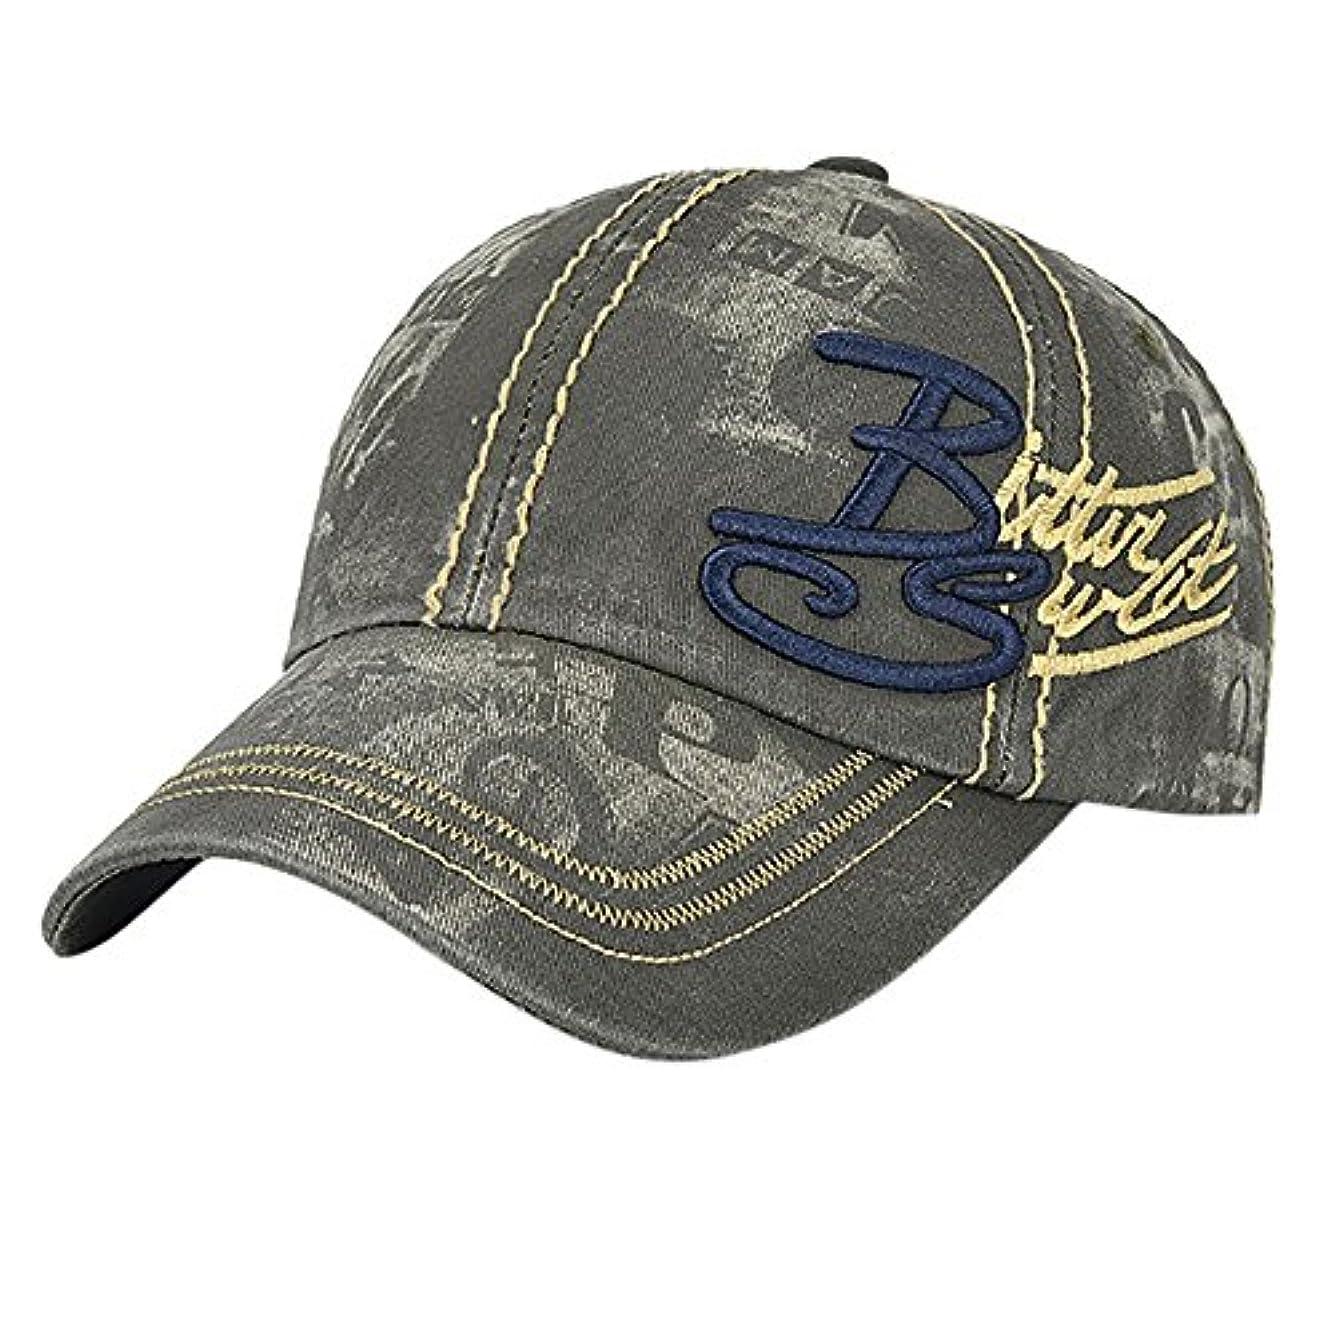 こだわりプレビスサイトゲージRacazing Cap レトロ カウボーイ 野球帽 ヒップホップ 通気性のある ヒップホップ 帽子 夏 登山 機関車 可調整可能 棒球帽 男女兼用 UV 帽子 軽量 屋外 ジーンズ Unisex Cap (アーミーグリーン)